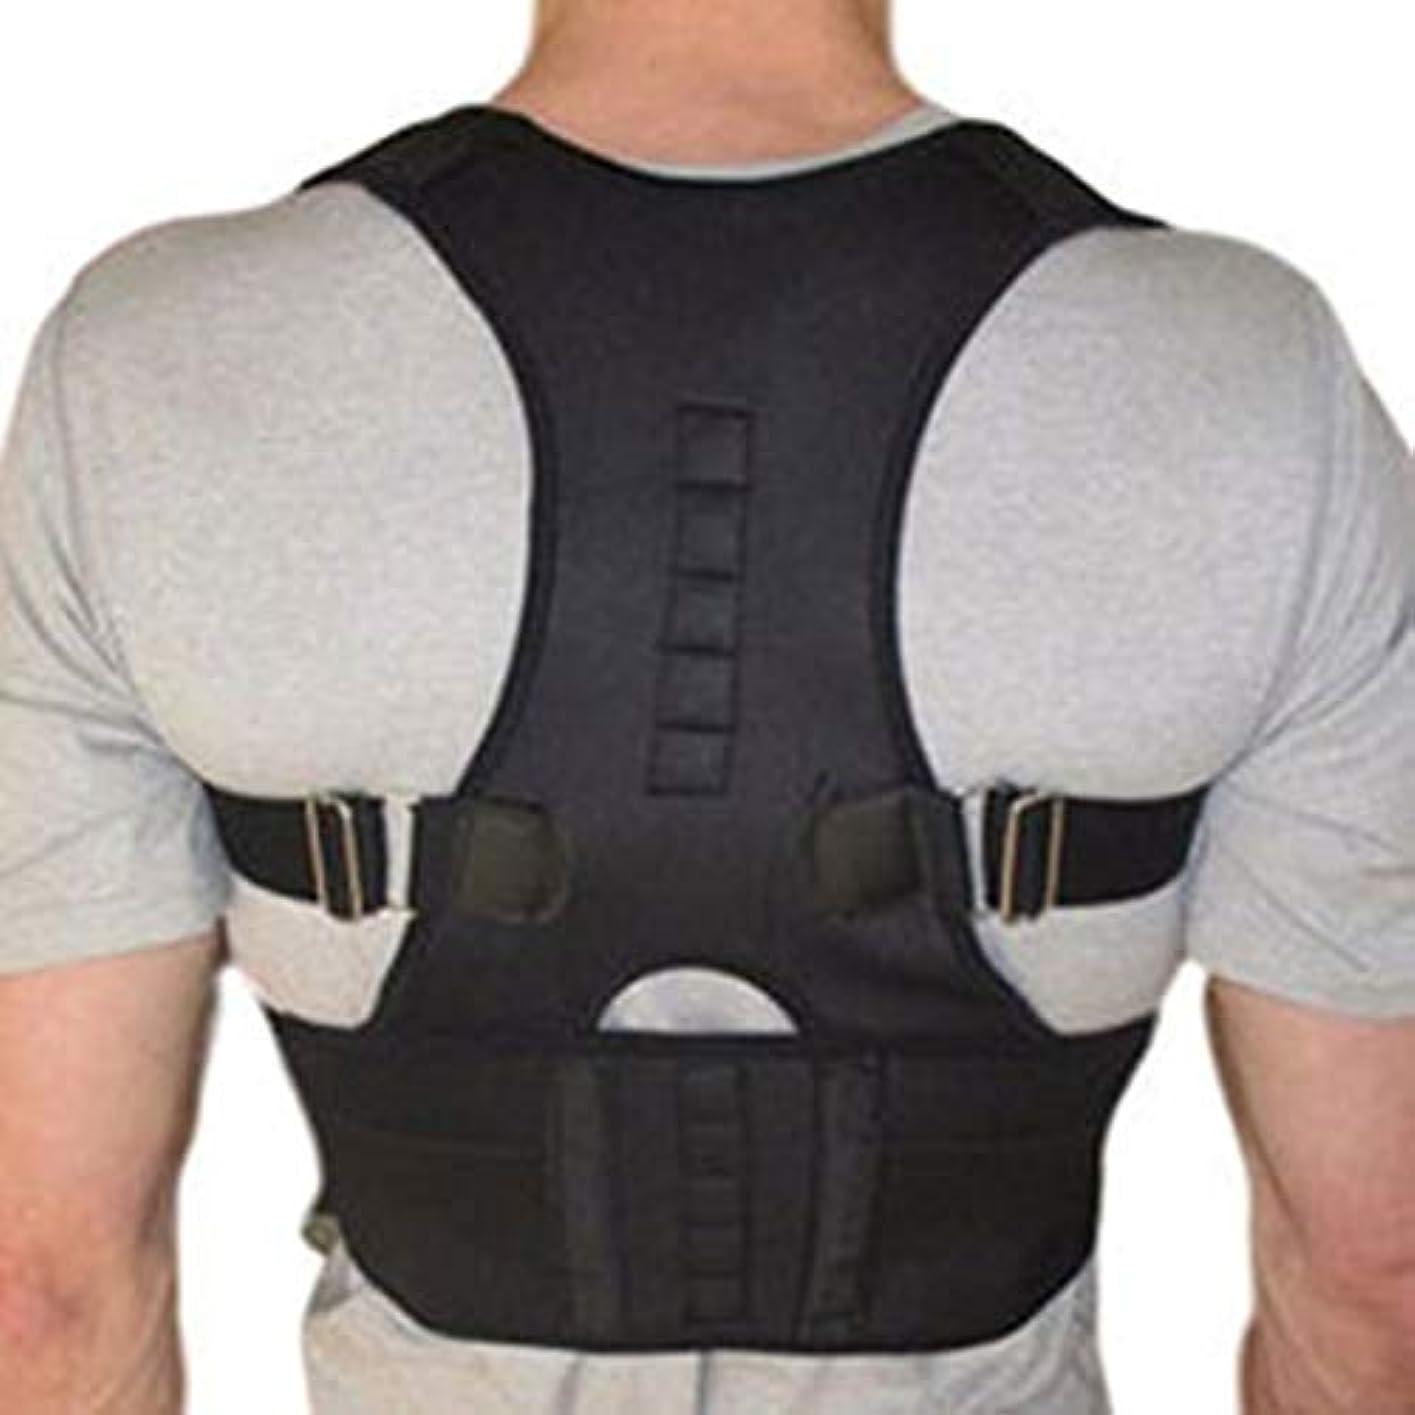 インディカバングラデシュそうでなければネオプレン磁気姿勢補正機能バッドバックランバーショルダーサポートバックペインブレースバンドベルトユニセックス快適な服装